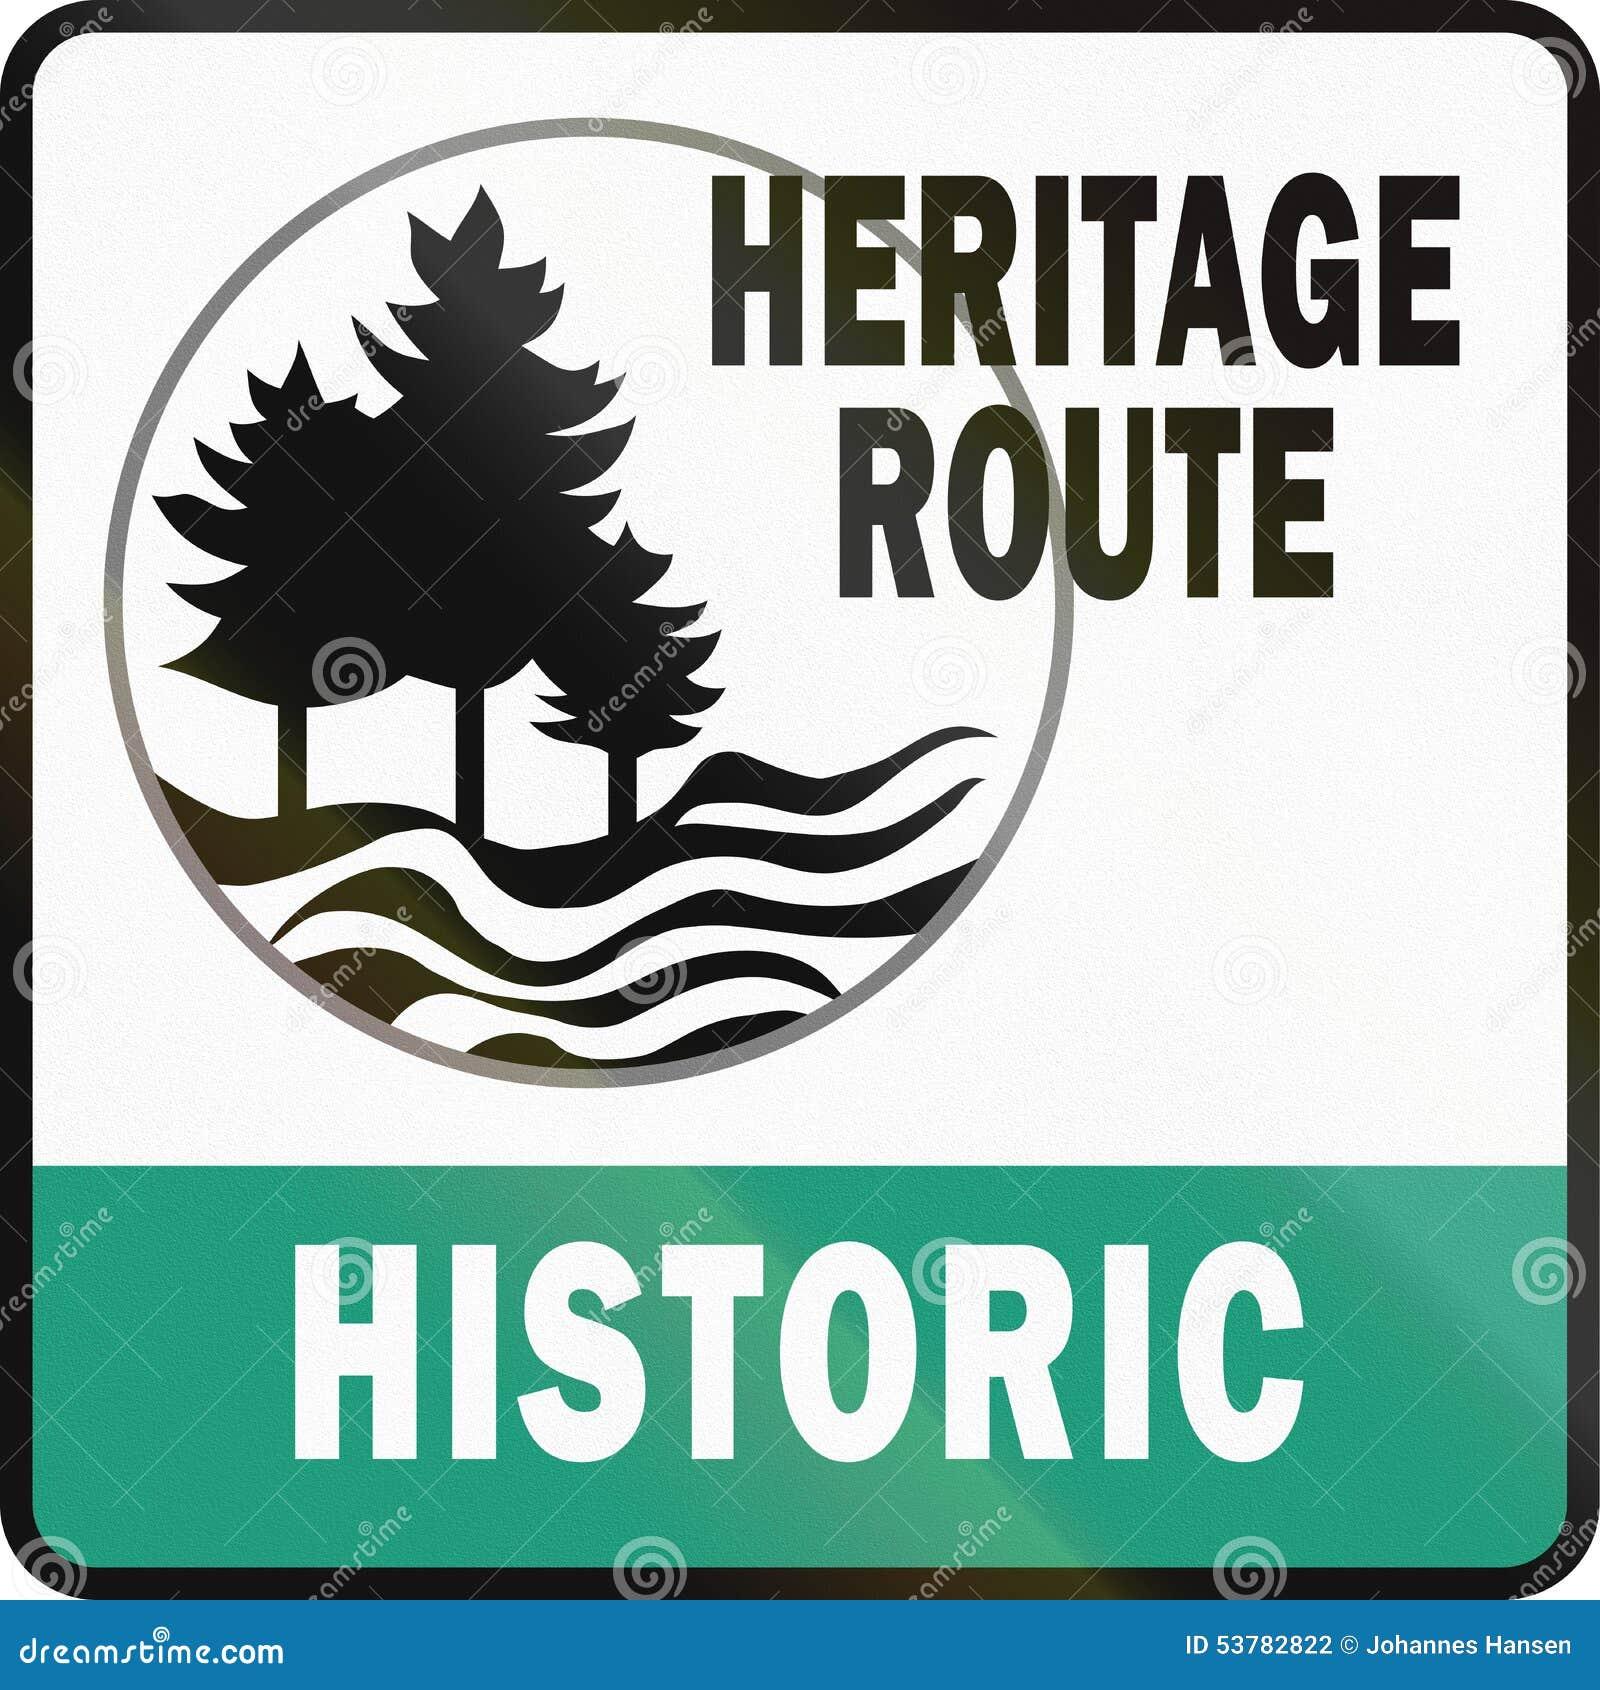 Michigan dziedzictwa Historyczna trasa